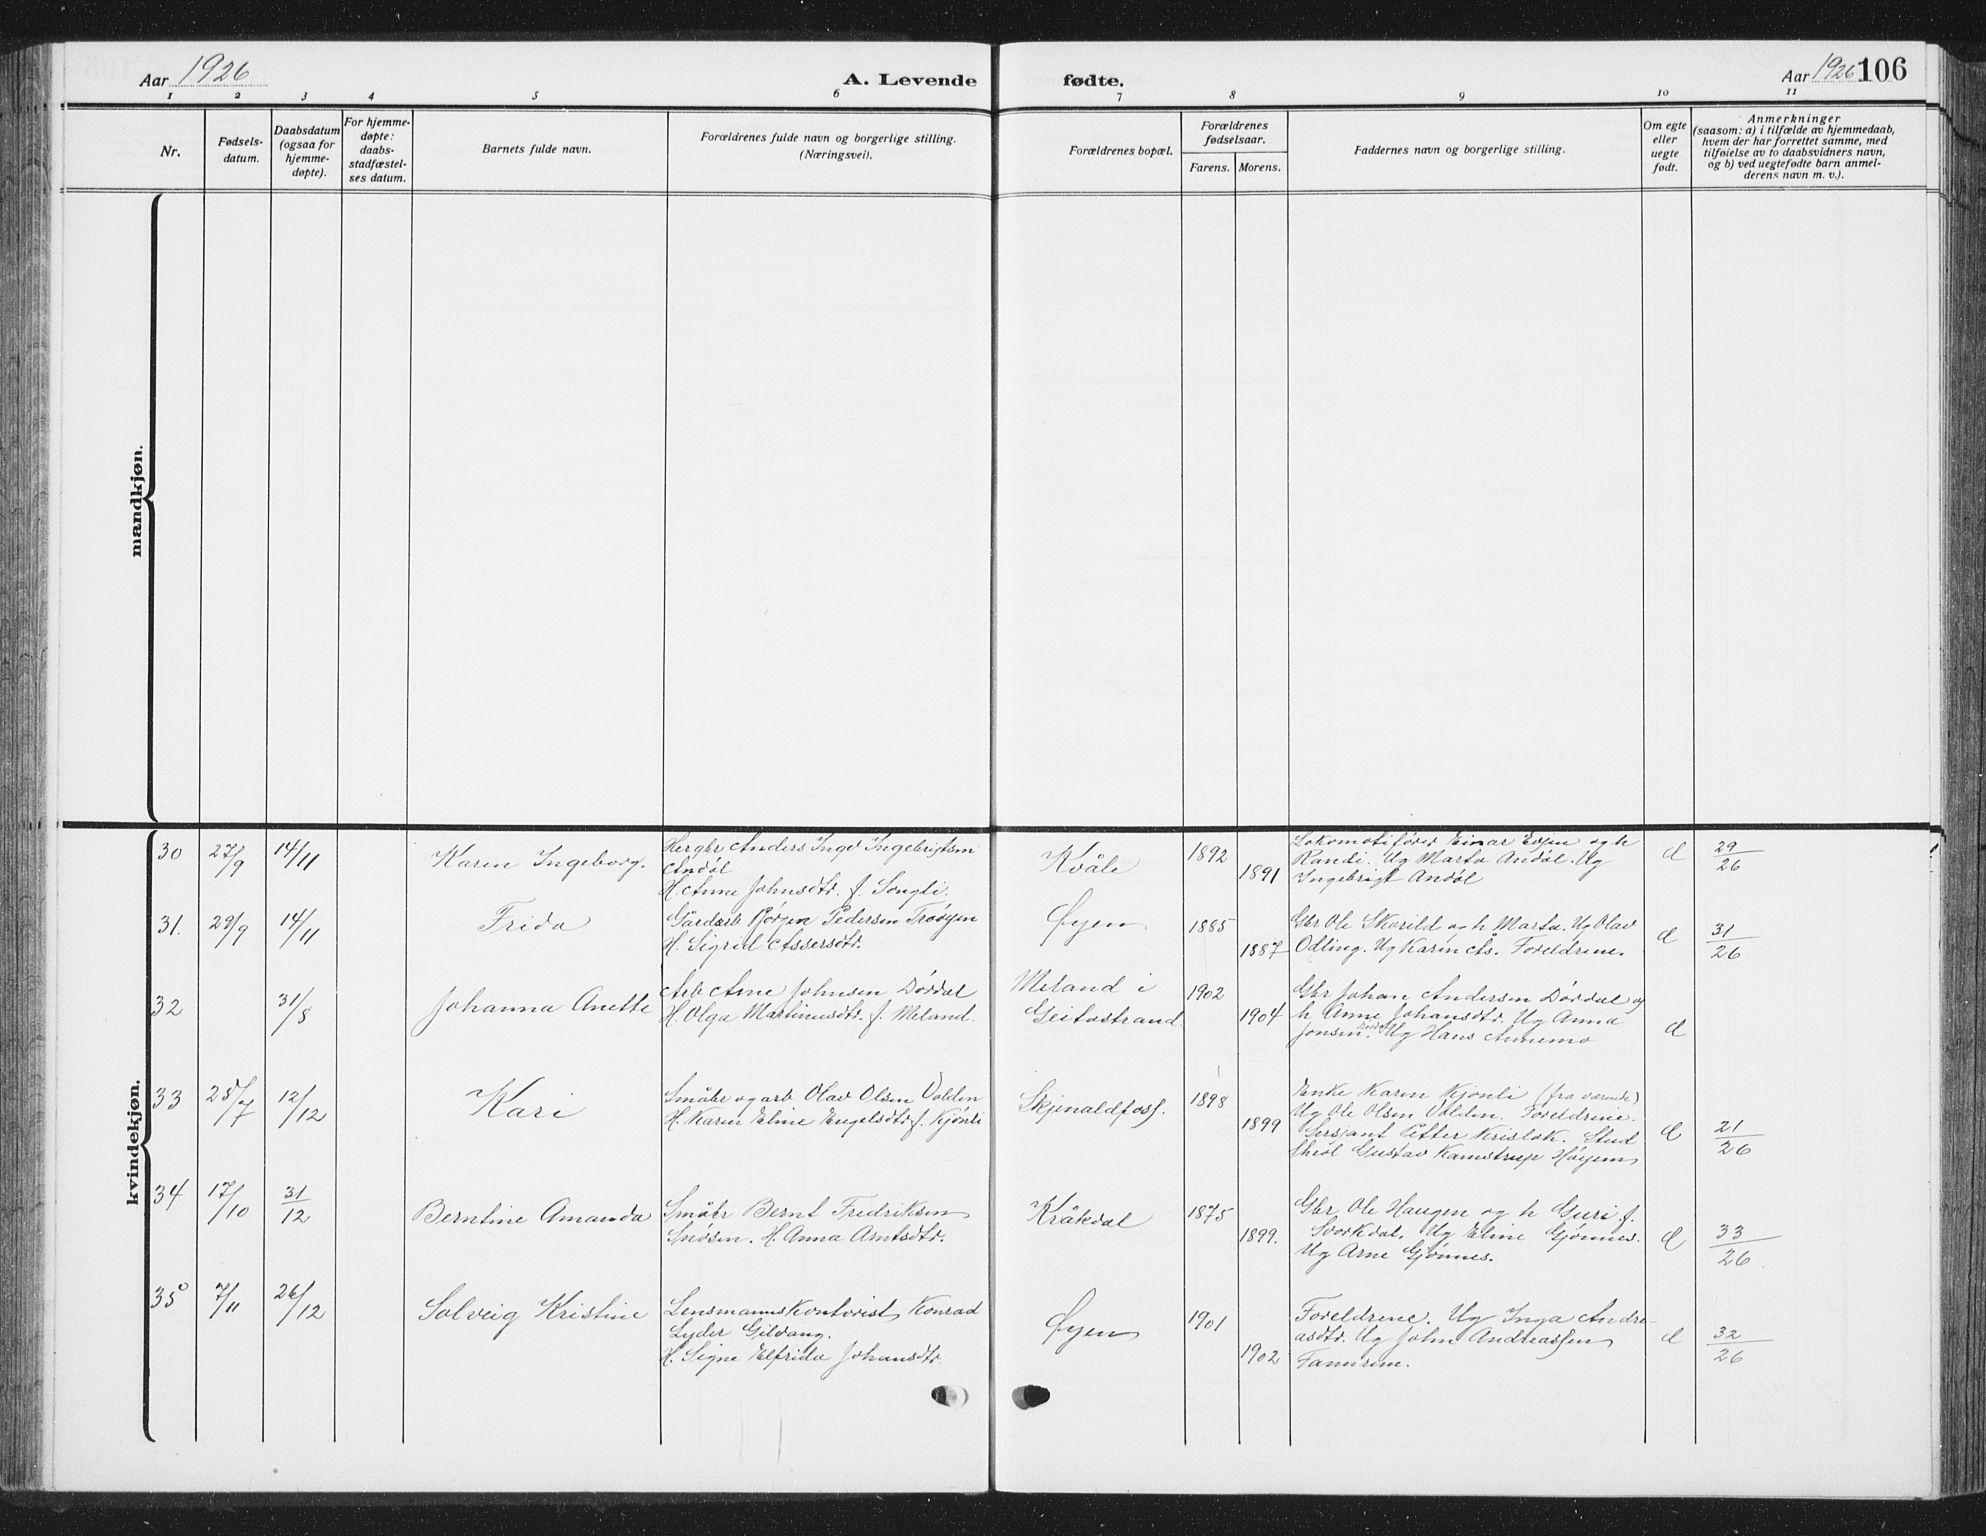 SAT, Ministerialprotokoller, klokkerbøker og fødselsregistre - Sør-Trøndelag, 668/L0820: Klokkerbok nr. 668C09, 1912-1936, s. 106